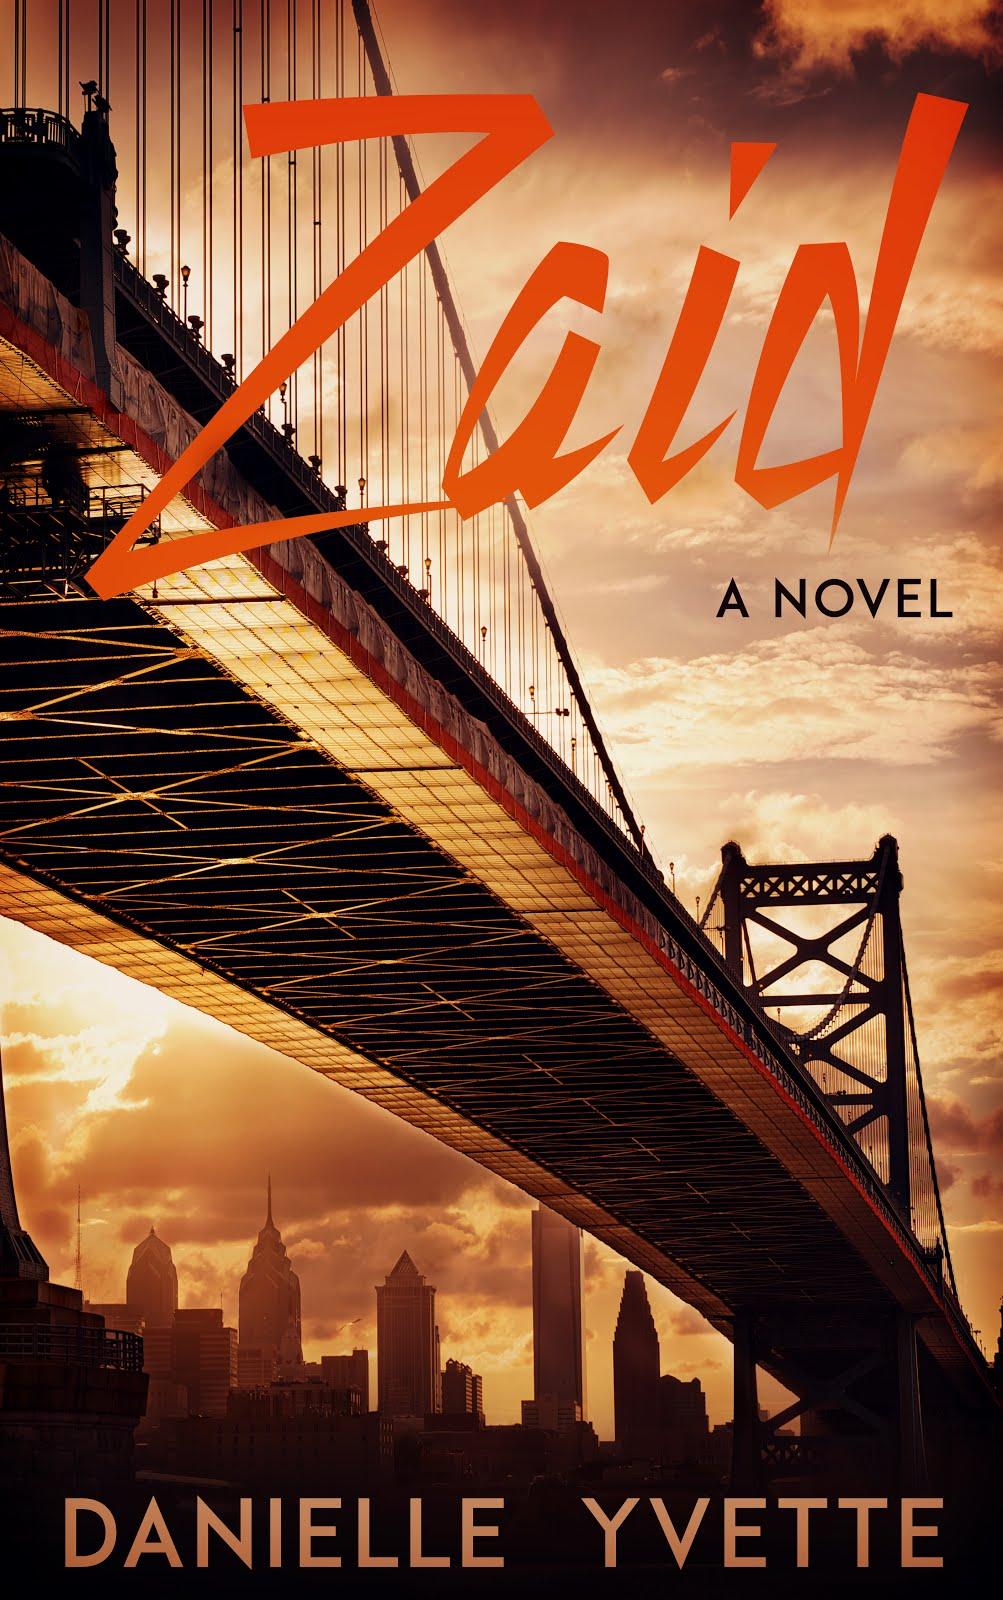 Zaid: A Novel (Pre-Order)